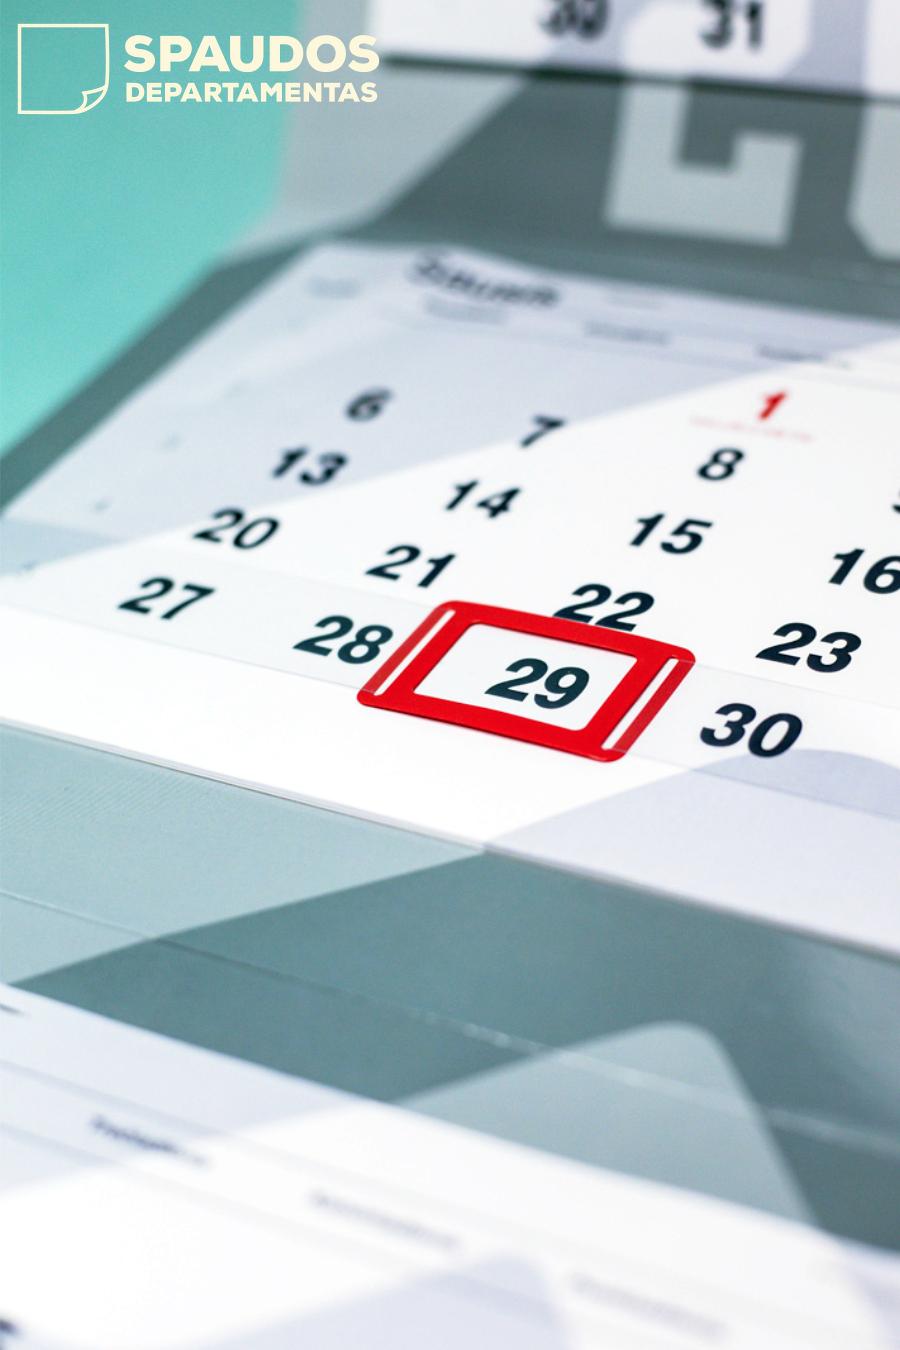 Kalendorių spauda | Spaudos Departamentas